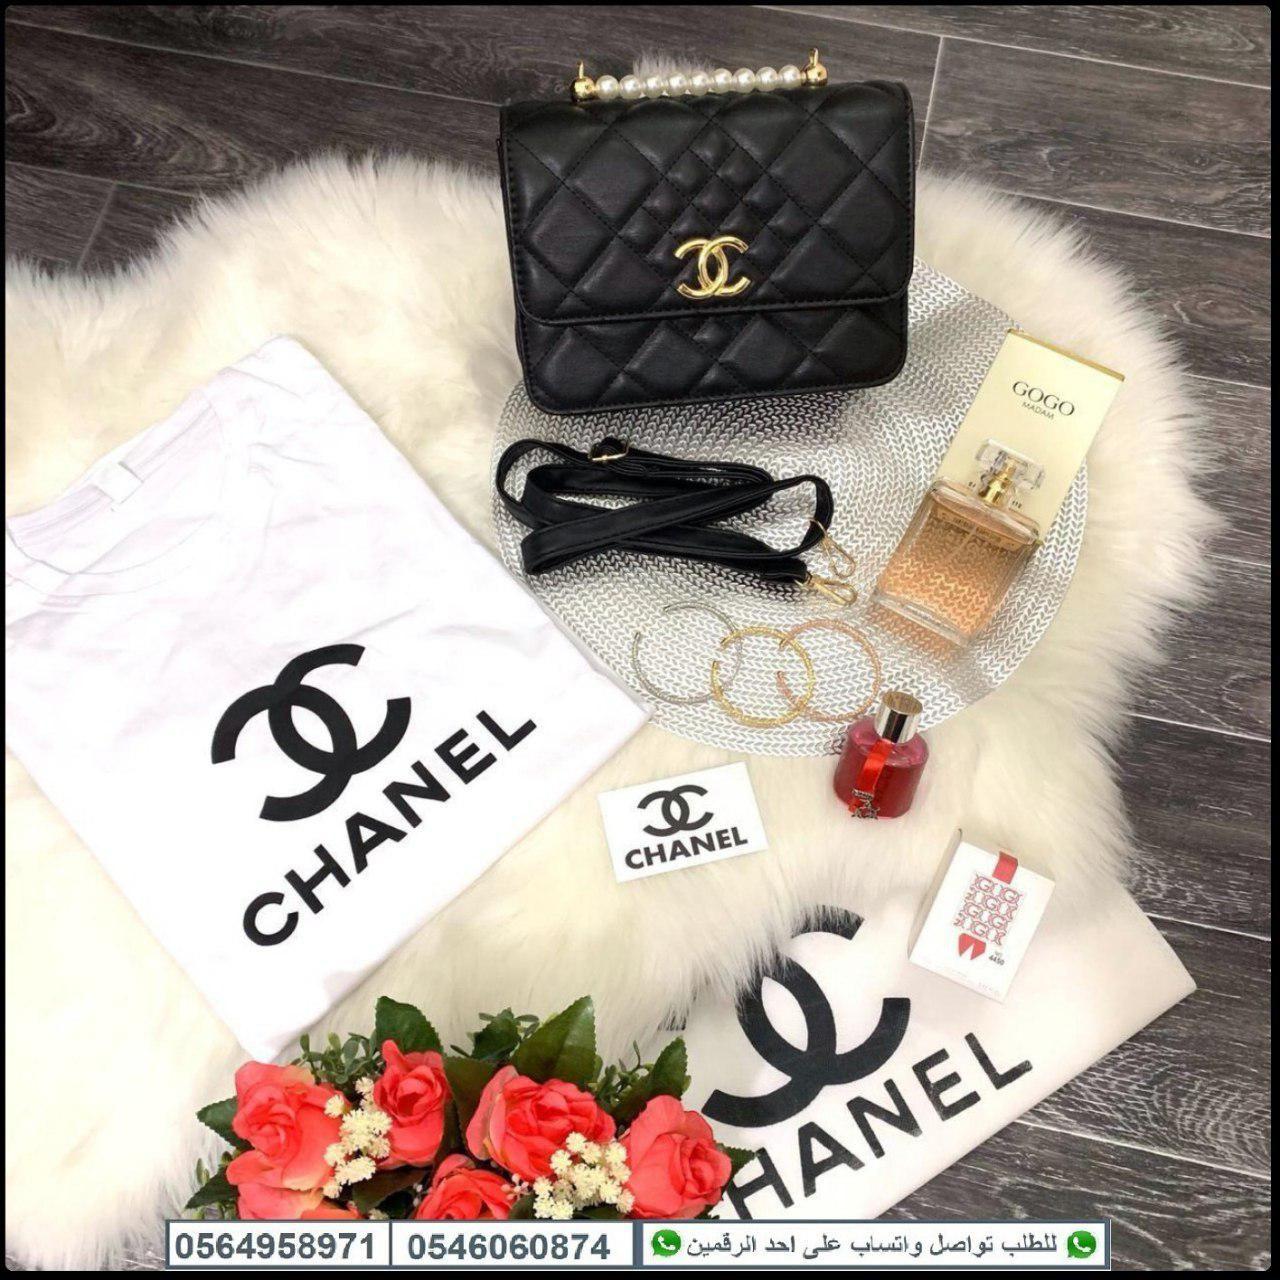 شنط شانيل نسائي Chanel مع عطر كوكو شانيل و 3 اساور و تشيرت شانيل هدايا هنوف Chanel Dior Bag Lady Dior